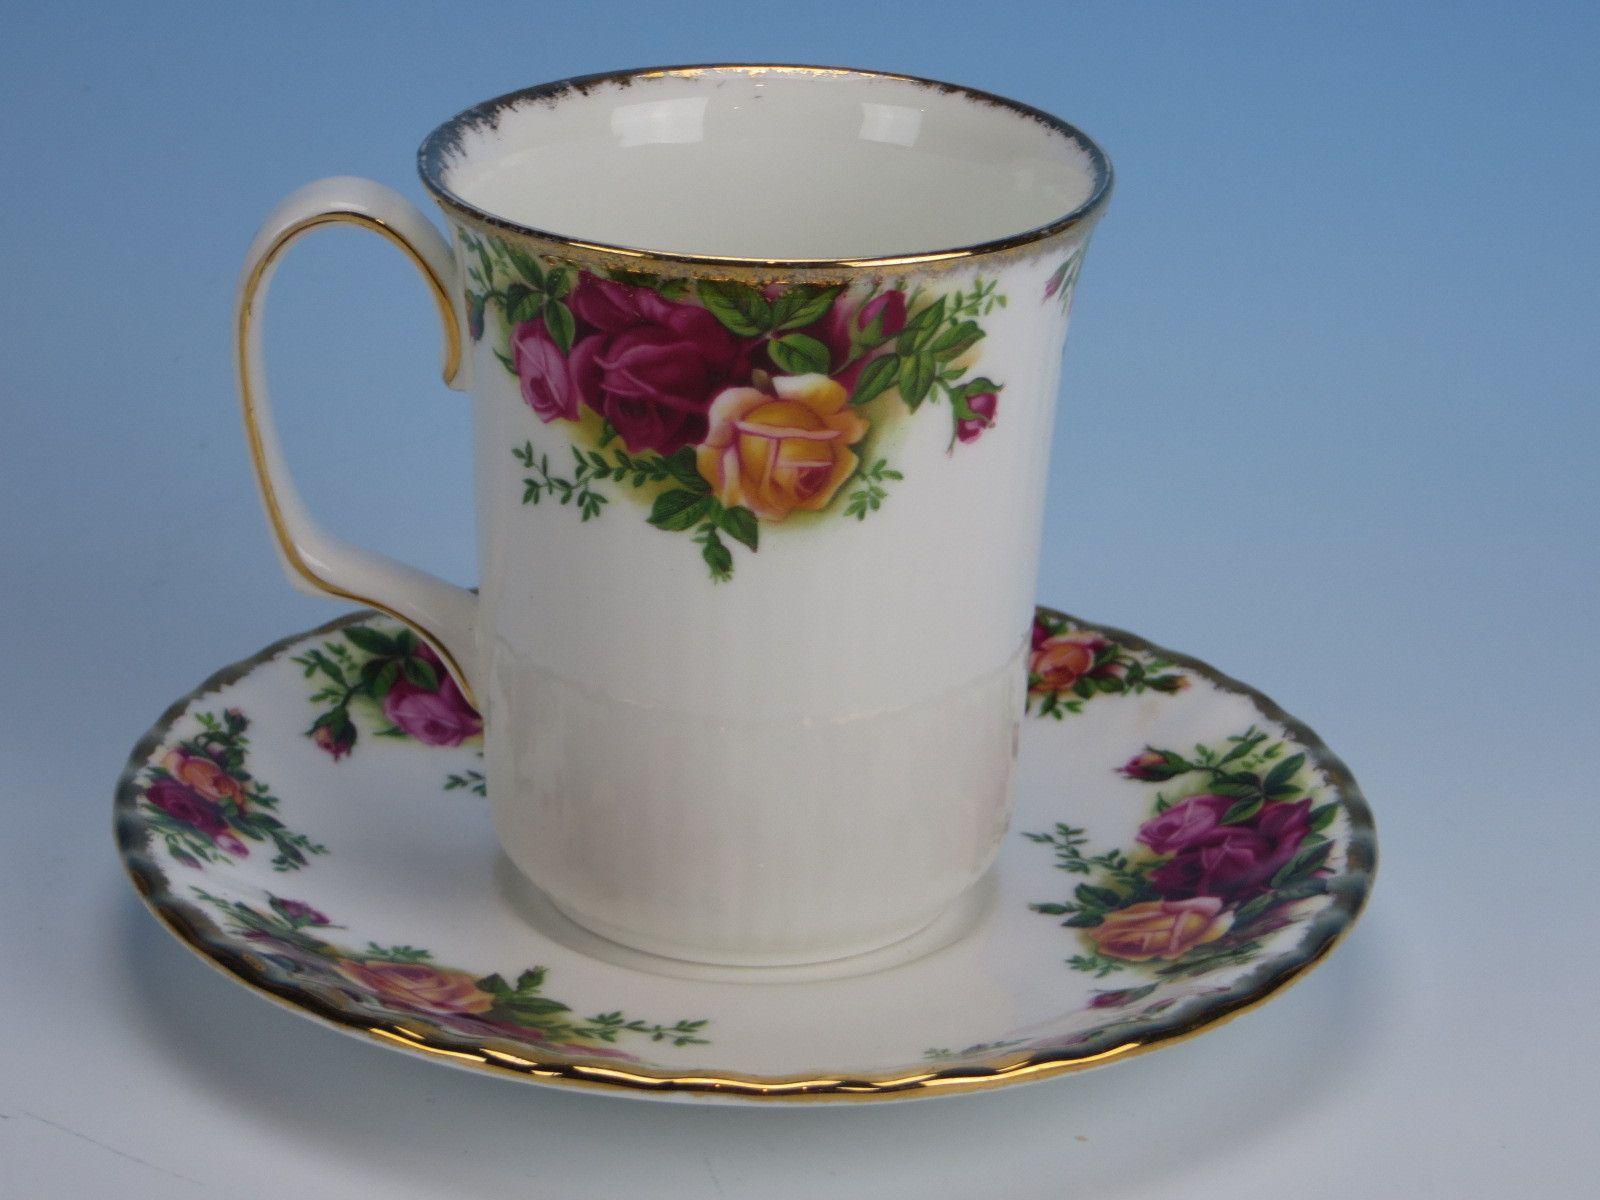 Royal Albert China Old Country Roses Coffee Mug